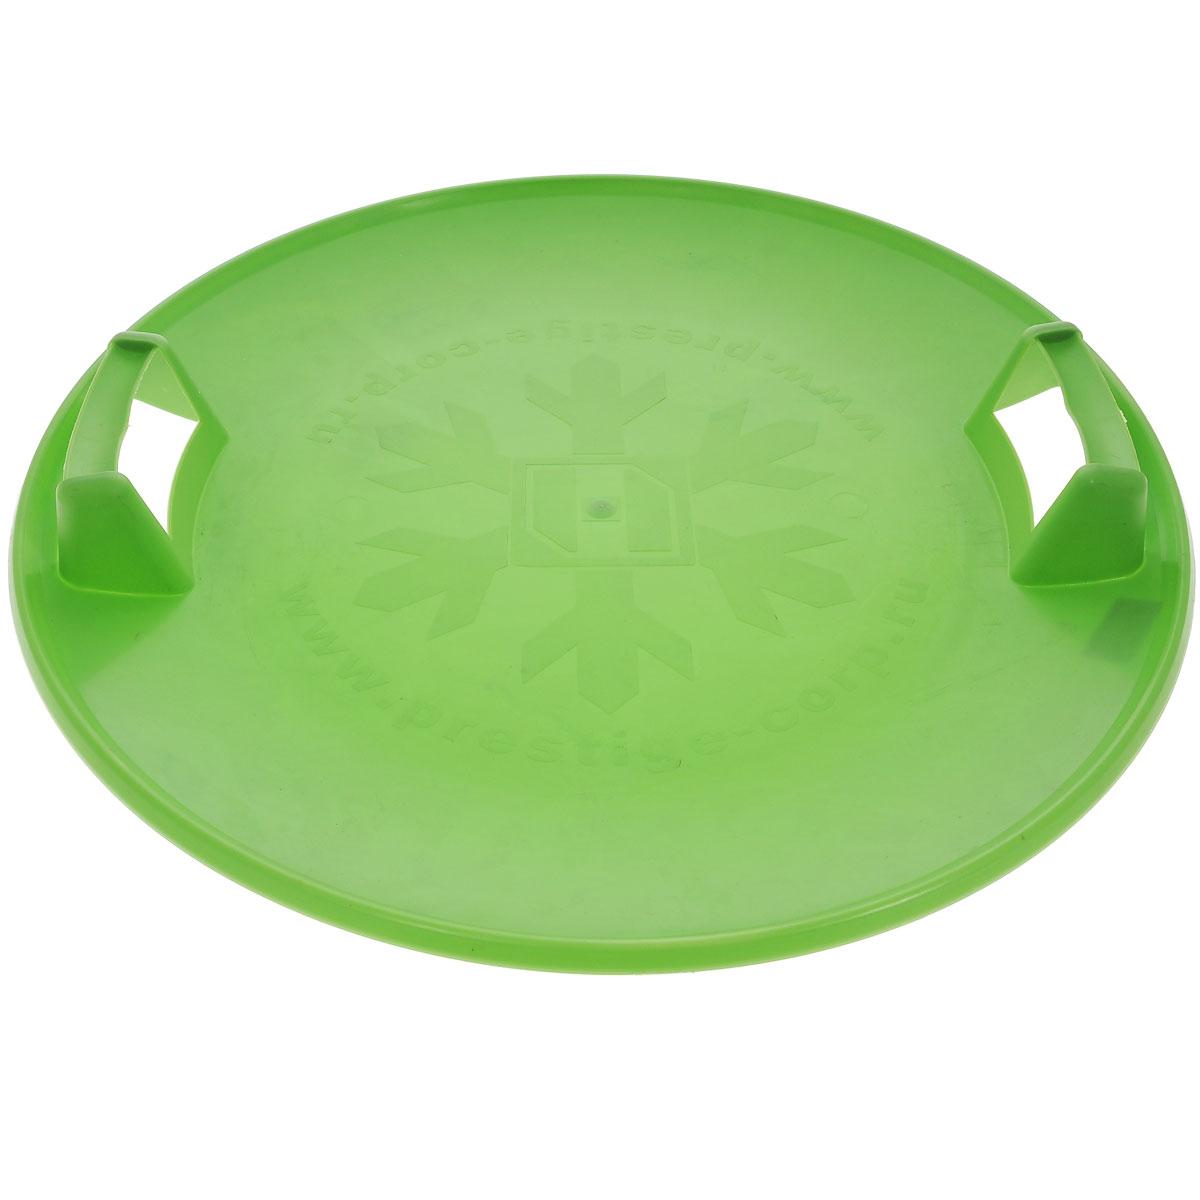 Санки-ледянки Престиж Экстрим, с пластиковыми ручками, цвет: зеленый, диаметр 58 см267111Санки-ледянки Престиж Экстрим подарят море позитивного настроения холодной зимой, ведь на них так весело съезжать с крутых ледяных склонов! Легкие, прочные санки из морозостойкого пластика прослужат долго. Санки имеют две пластиковые ручки для удобства катания и ношения. Дно санок украшено рельефным изображением снежинки. Диаметр санок: 58 см.Зимние игры на свежем воздухе. Статья OZON Гид